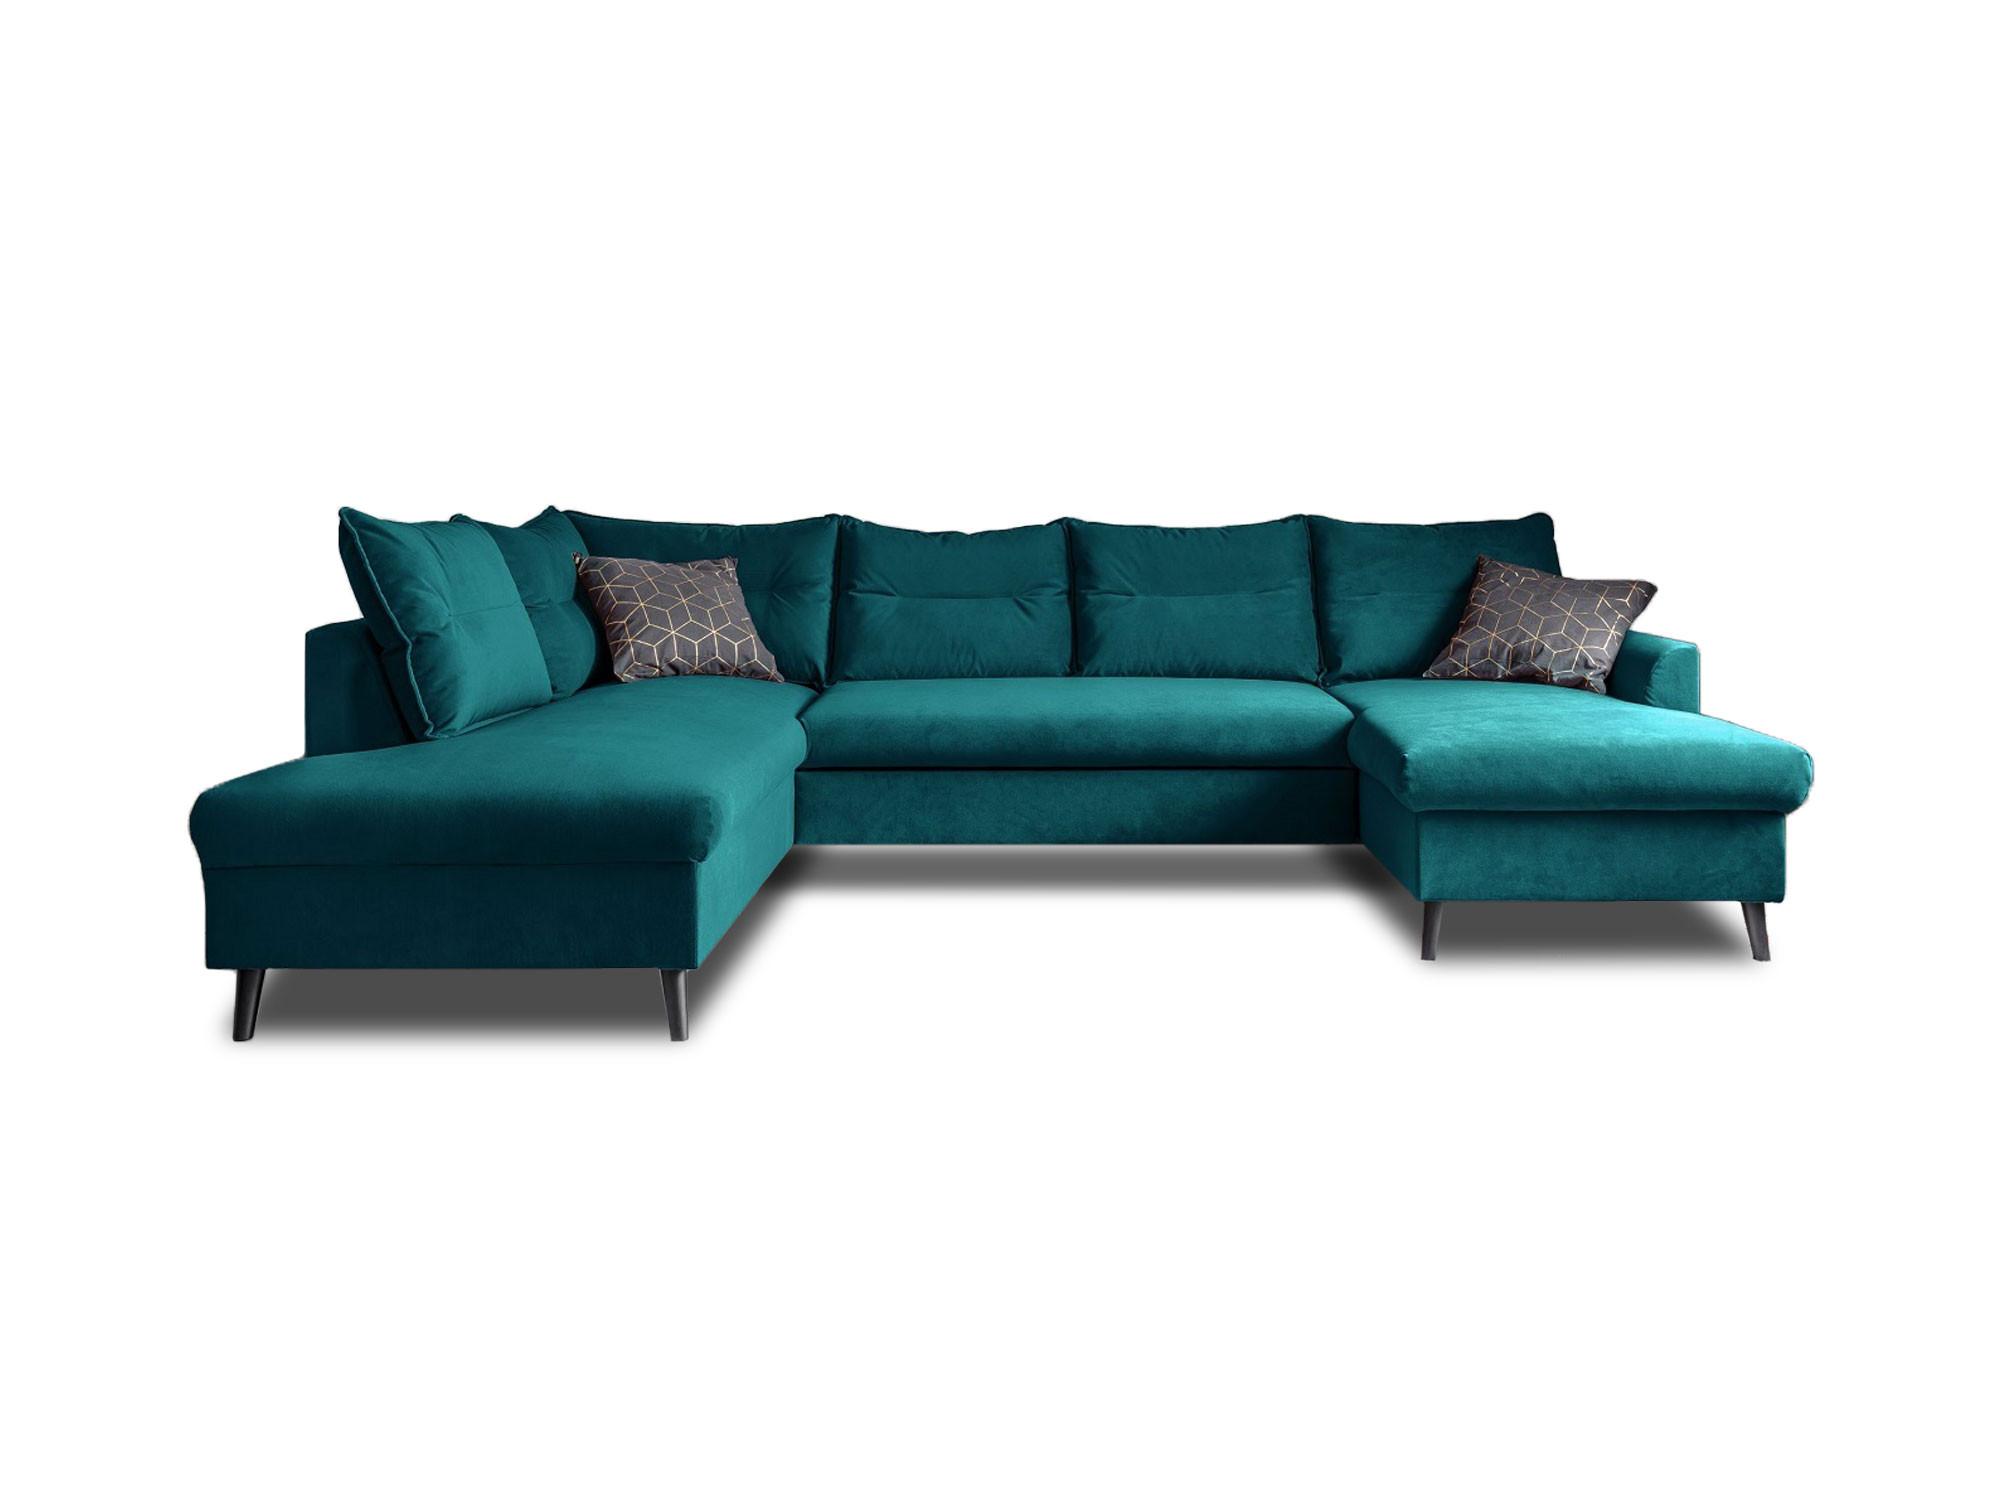 Canapé d'angle 7 places Bleu Tissu Contemporain Confort